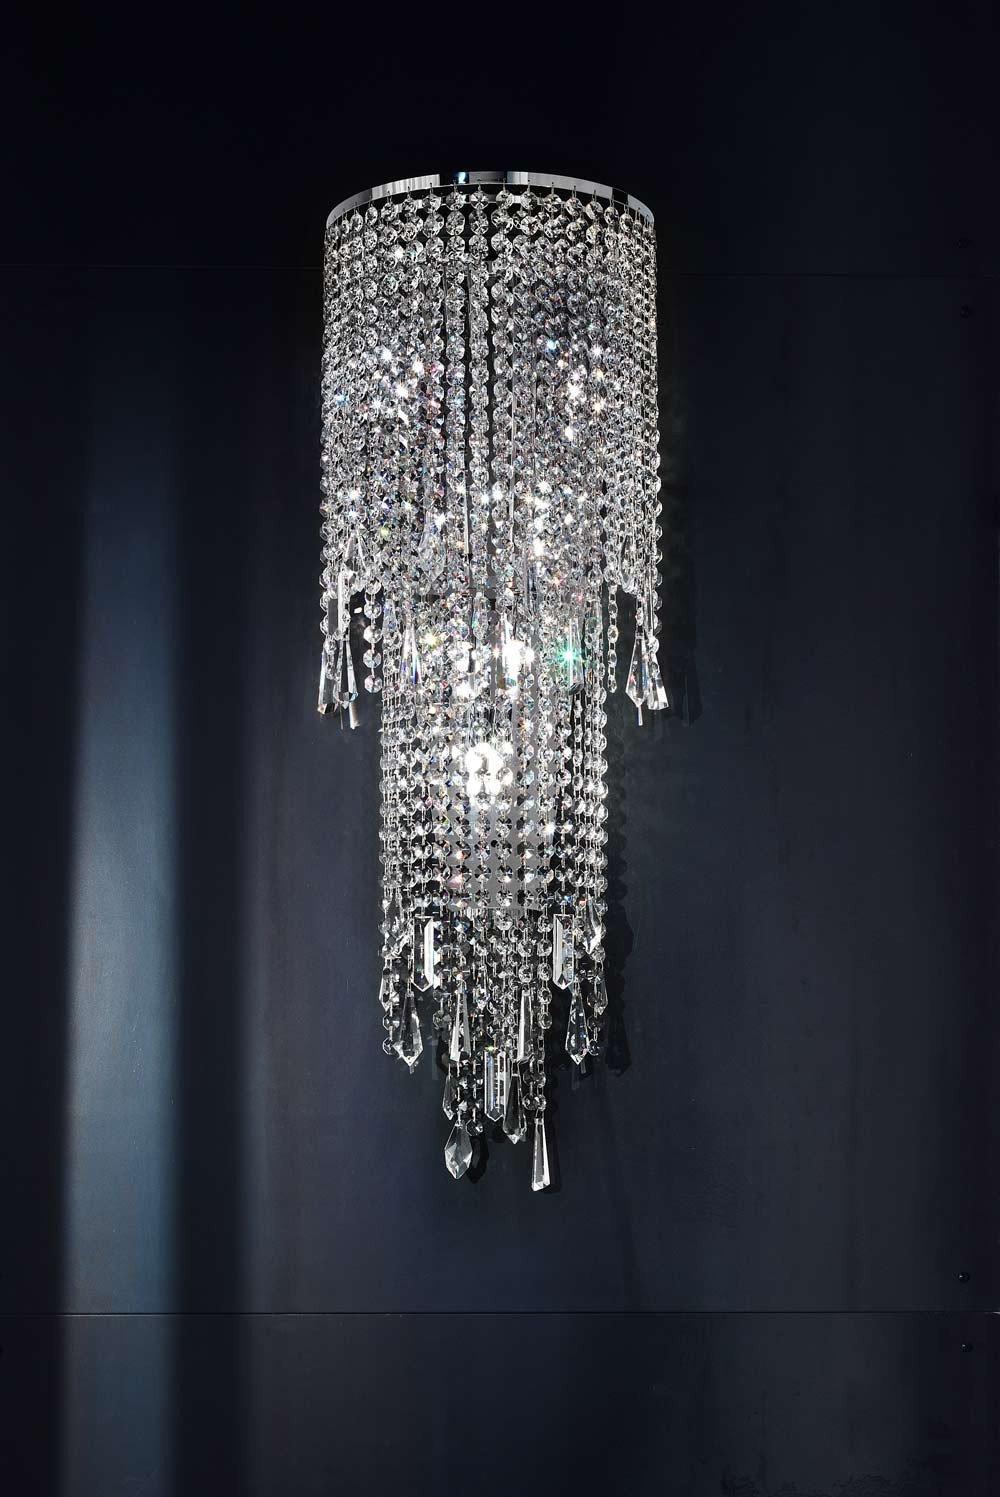 masiero lámpara de pared Deco cromo a mano, Made in Italy, Gesc hliffenes Italiano de cristal